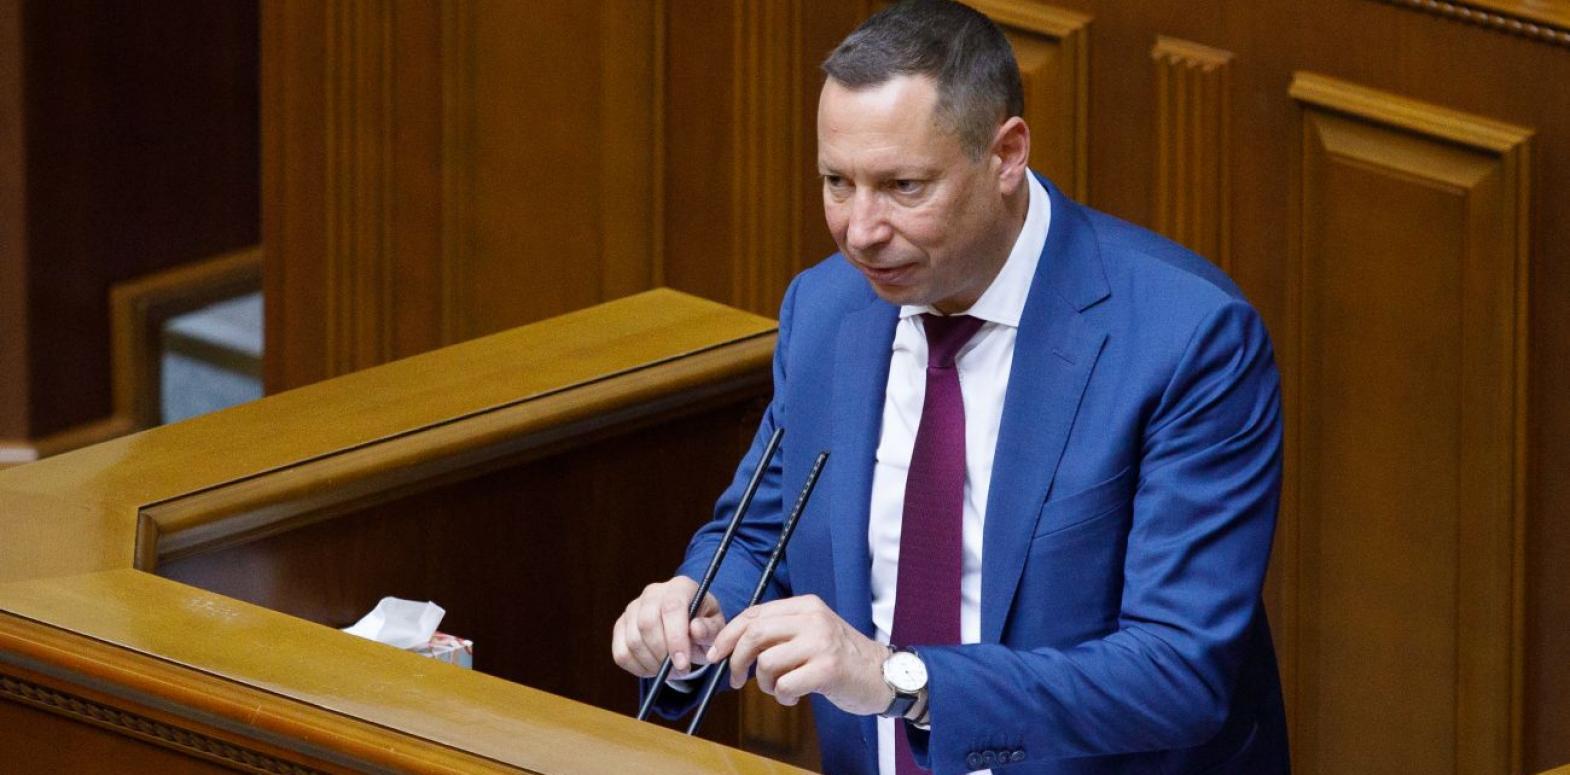 Десятки счетов, миллионная зарплата и квартира в Киеве: декларация главы НБУ